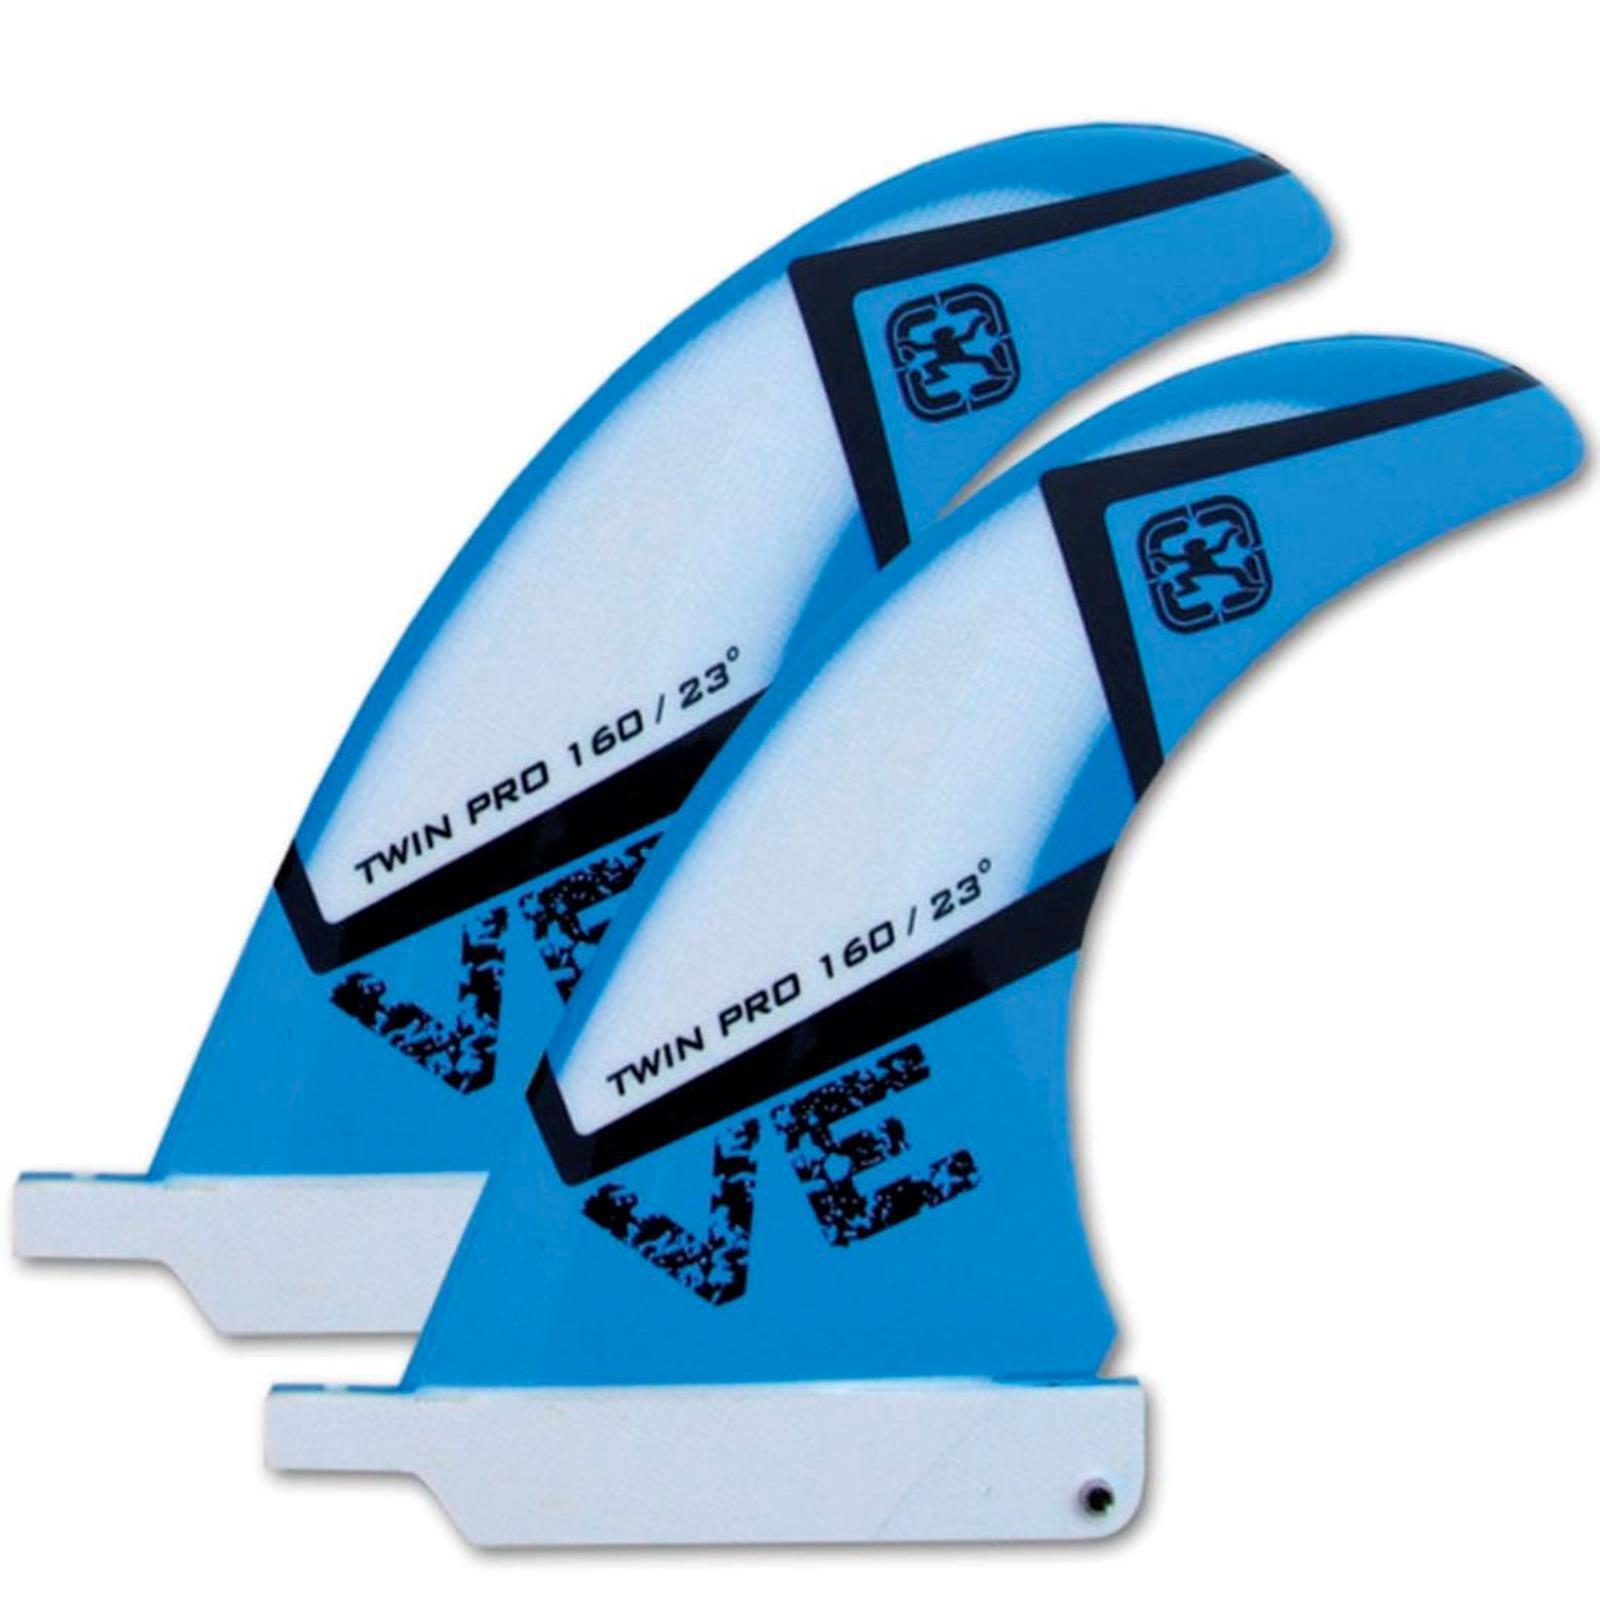 Tekknosport Finnen VE Twin Pro 160 US Box Windsurfen